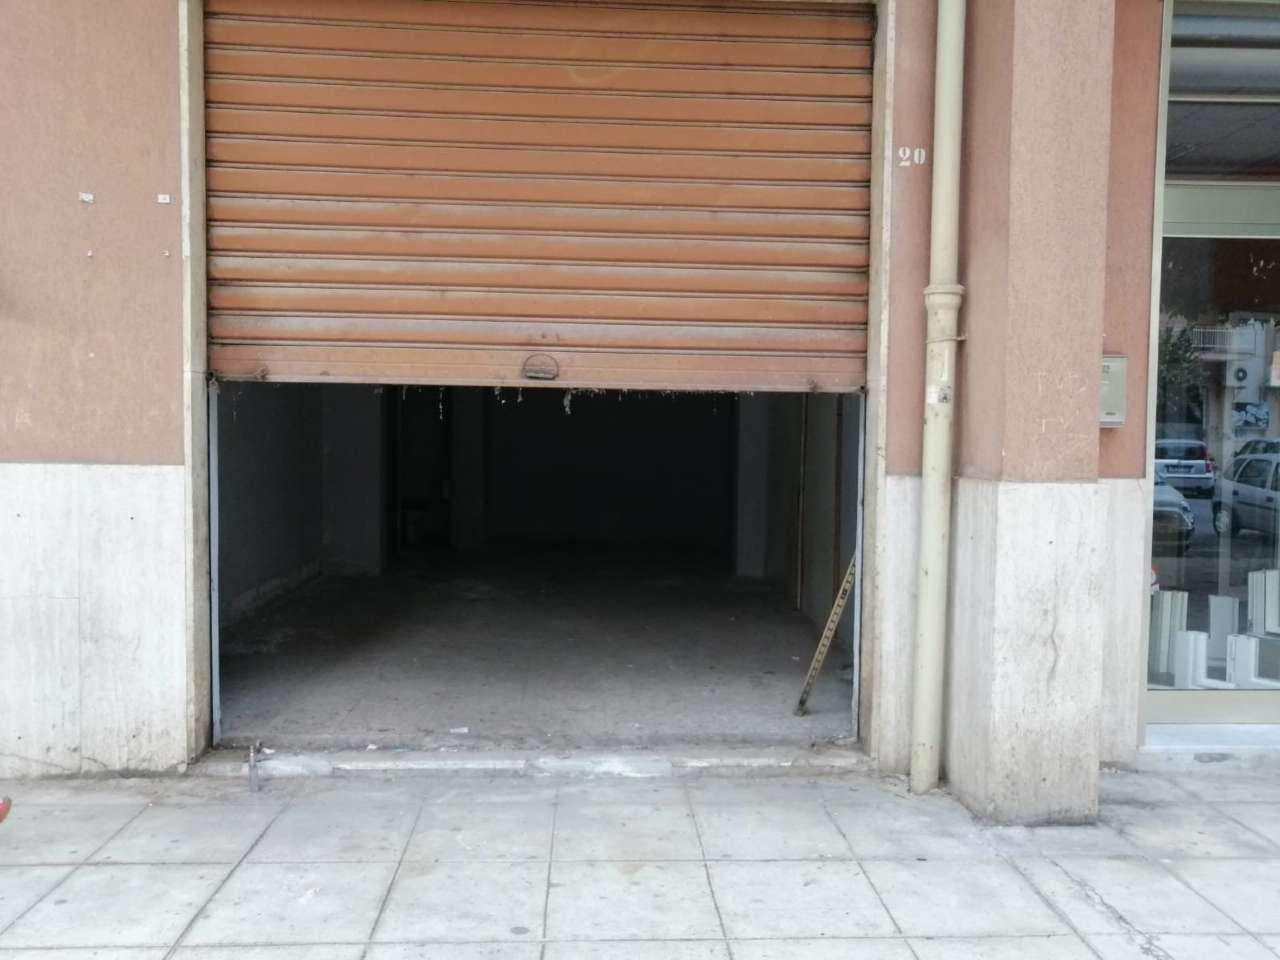 Negozio-locale in Vendita a Palermo Periferia: 1 locali, 40 mq